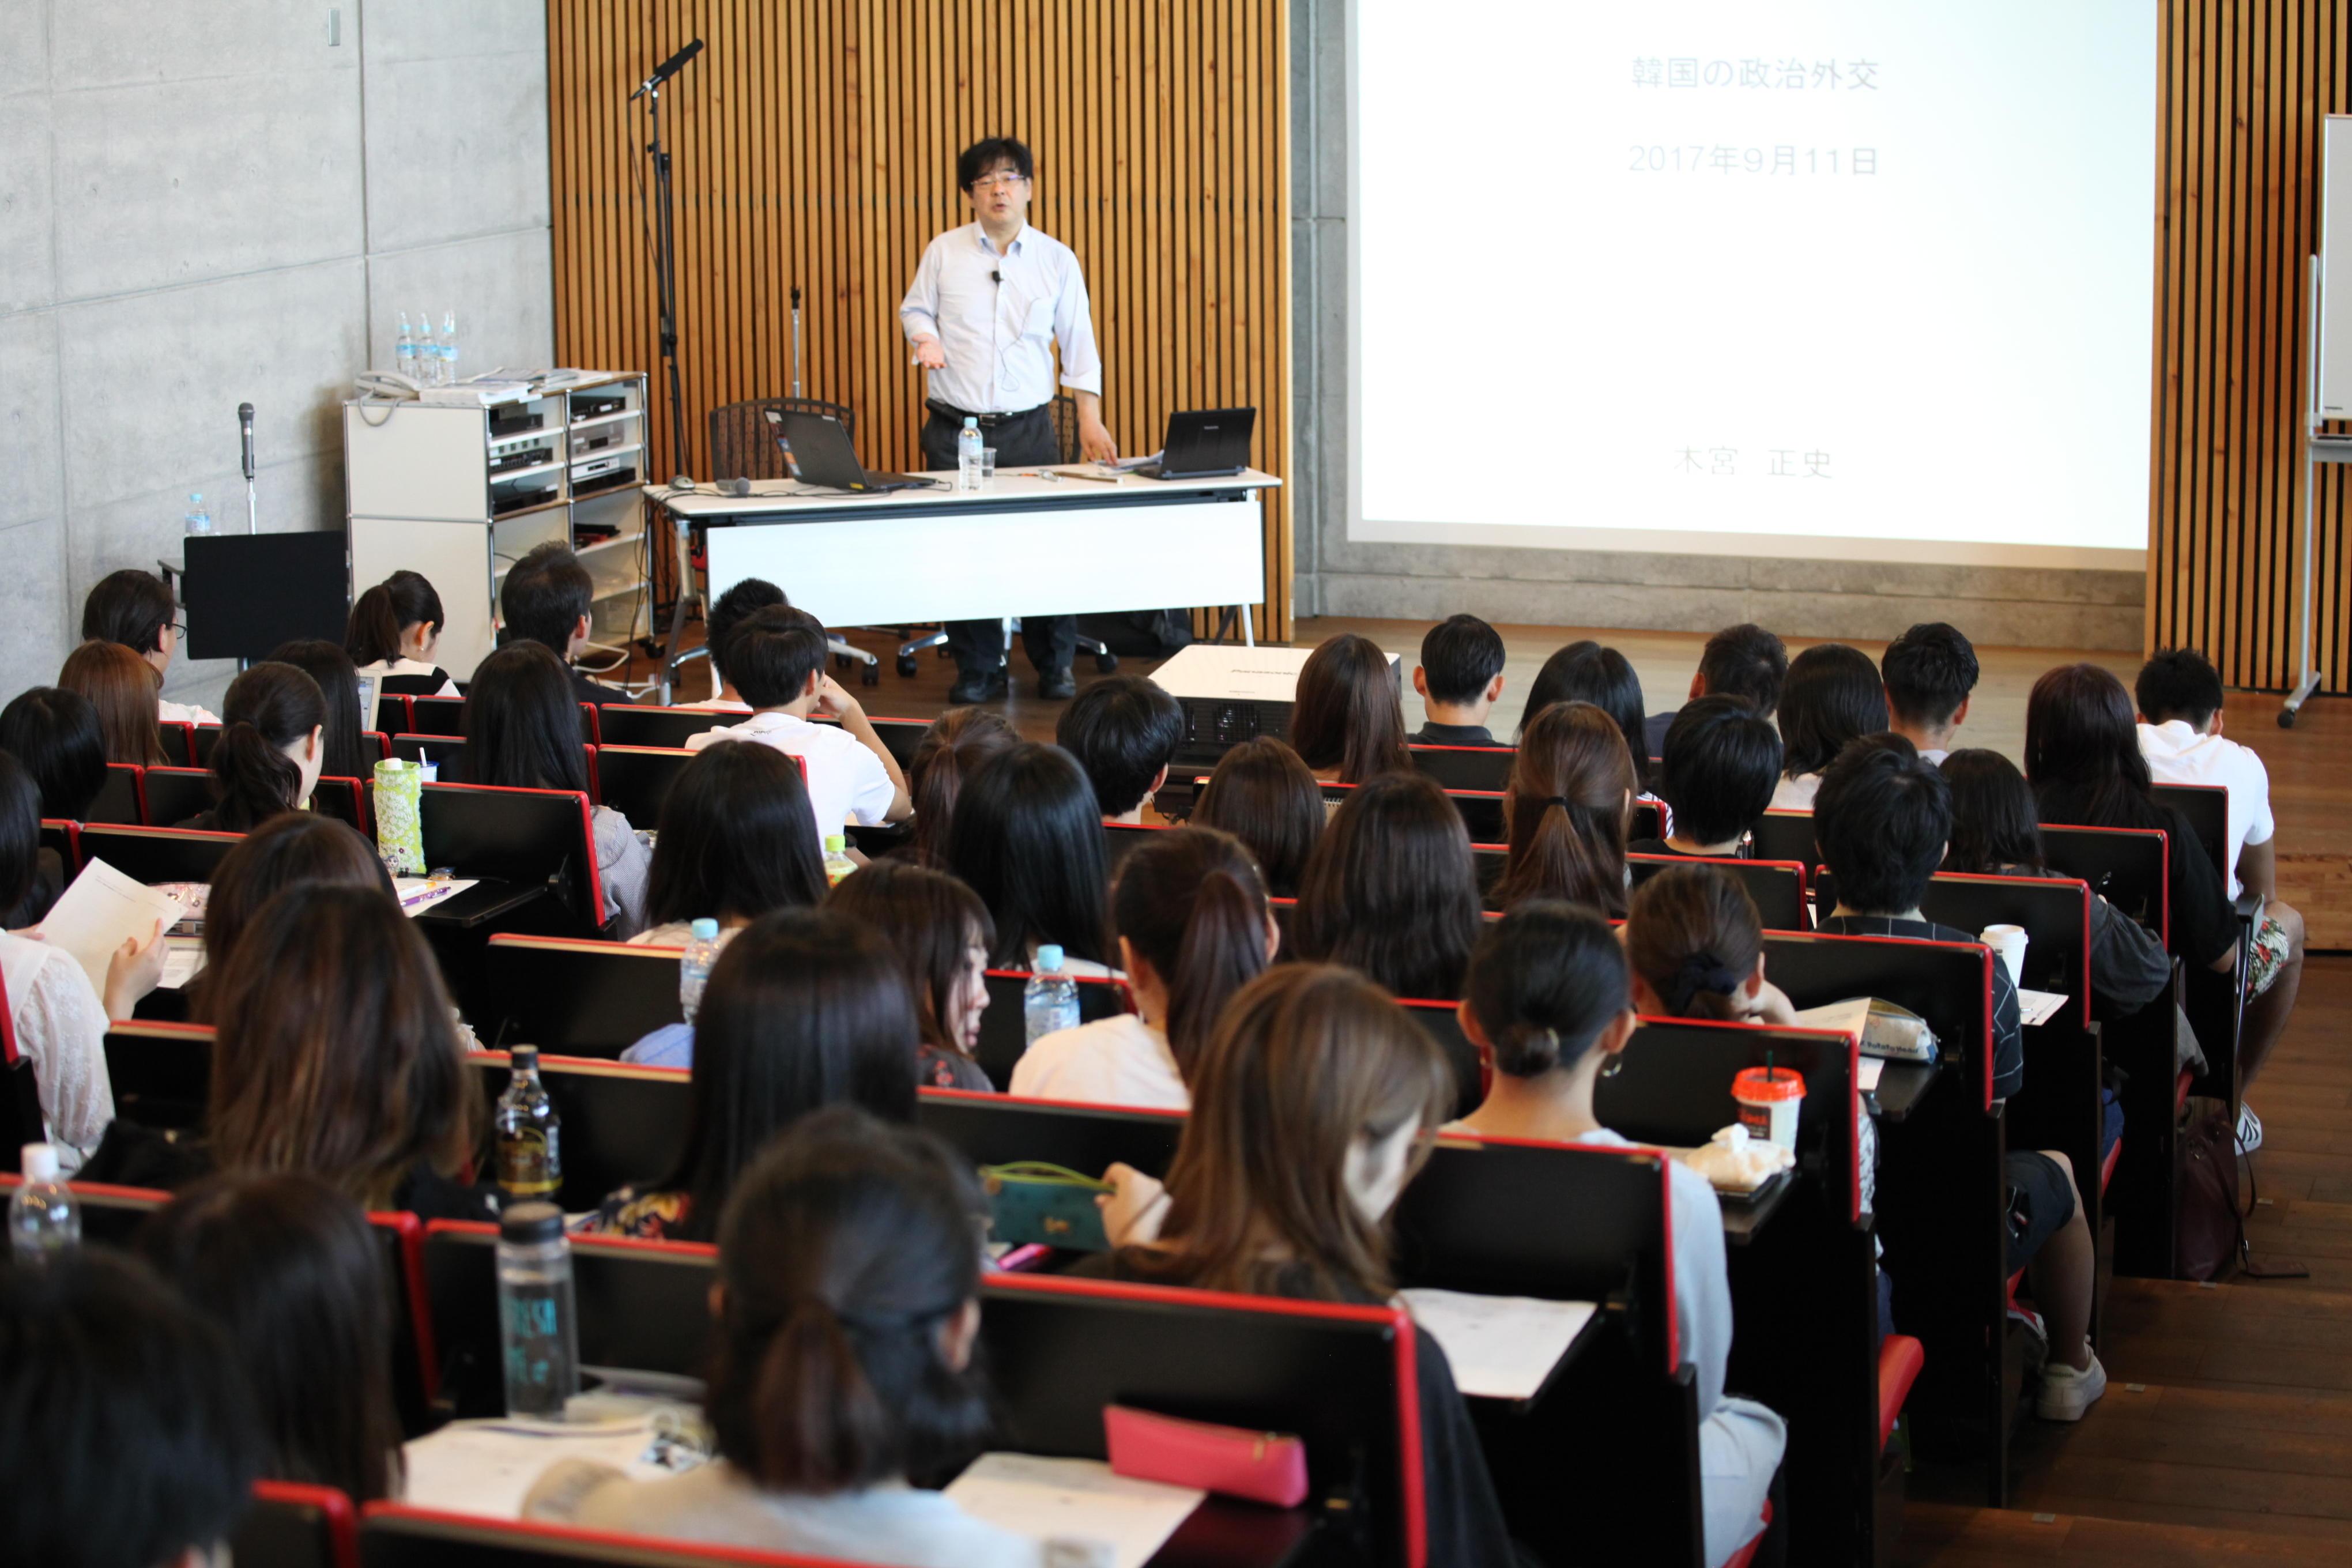 神田外語大学など全国外大連合の学生約100人が平昌での国際競技大会のボランティアとして参加する -- 平昌(ピョンチャン)2018冬季オリンピックに日本から大会ボランティア団体として協力